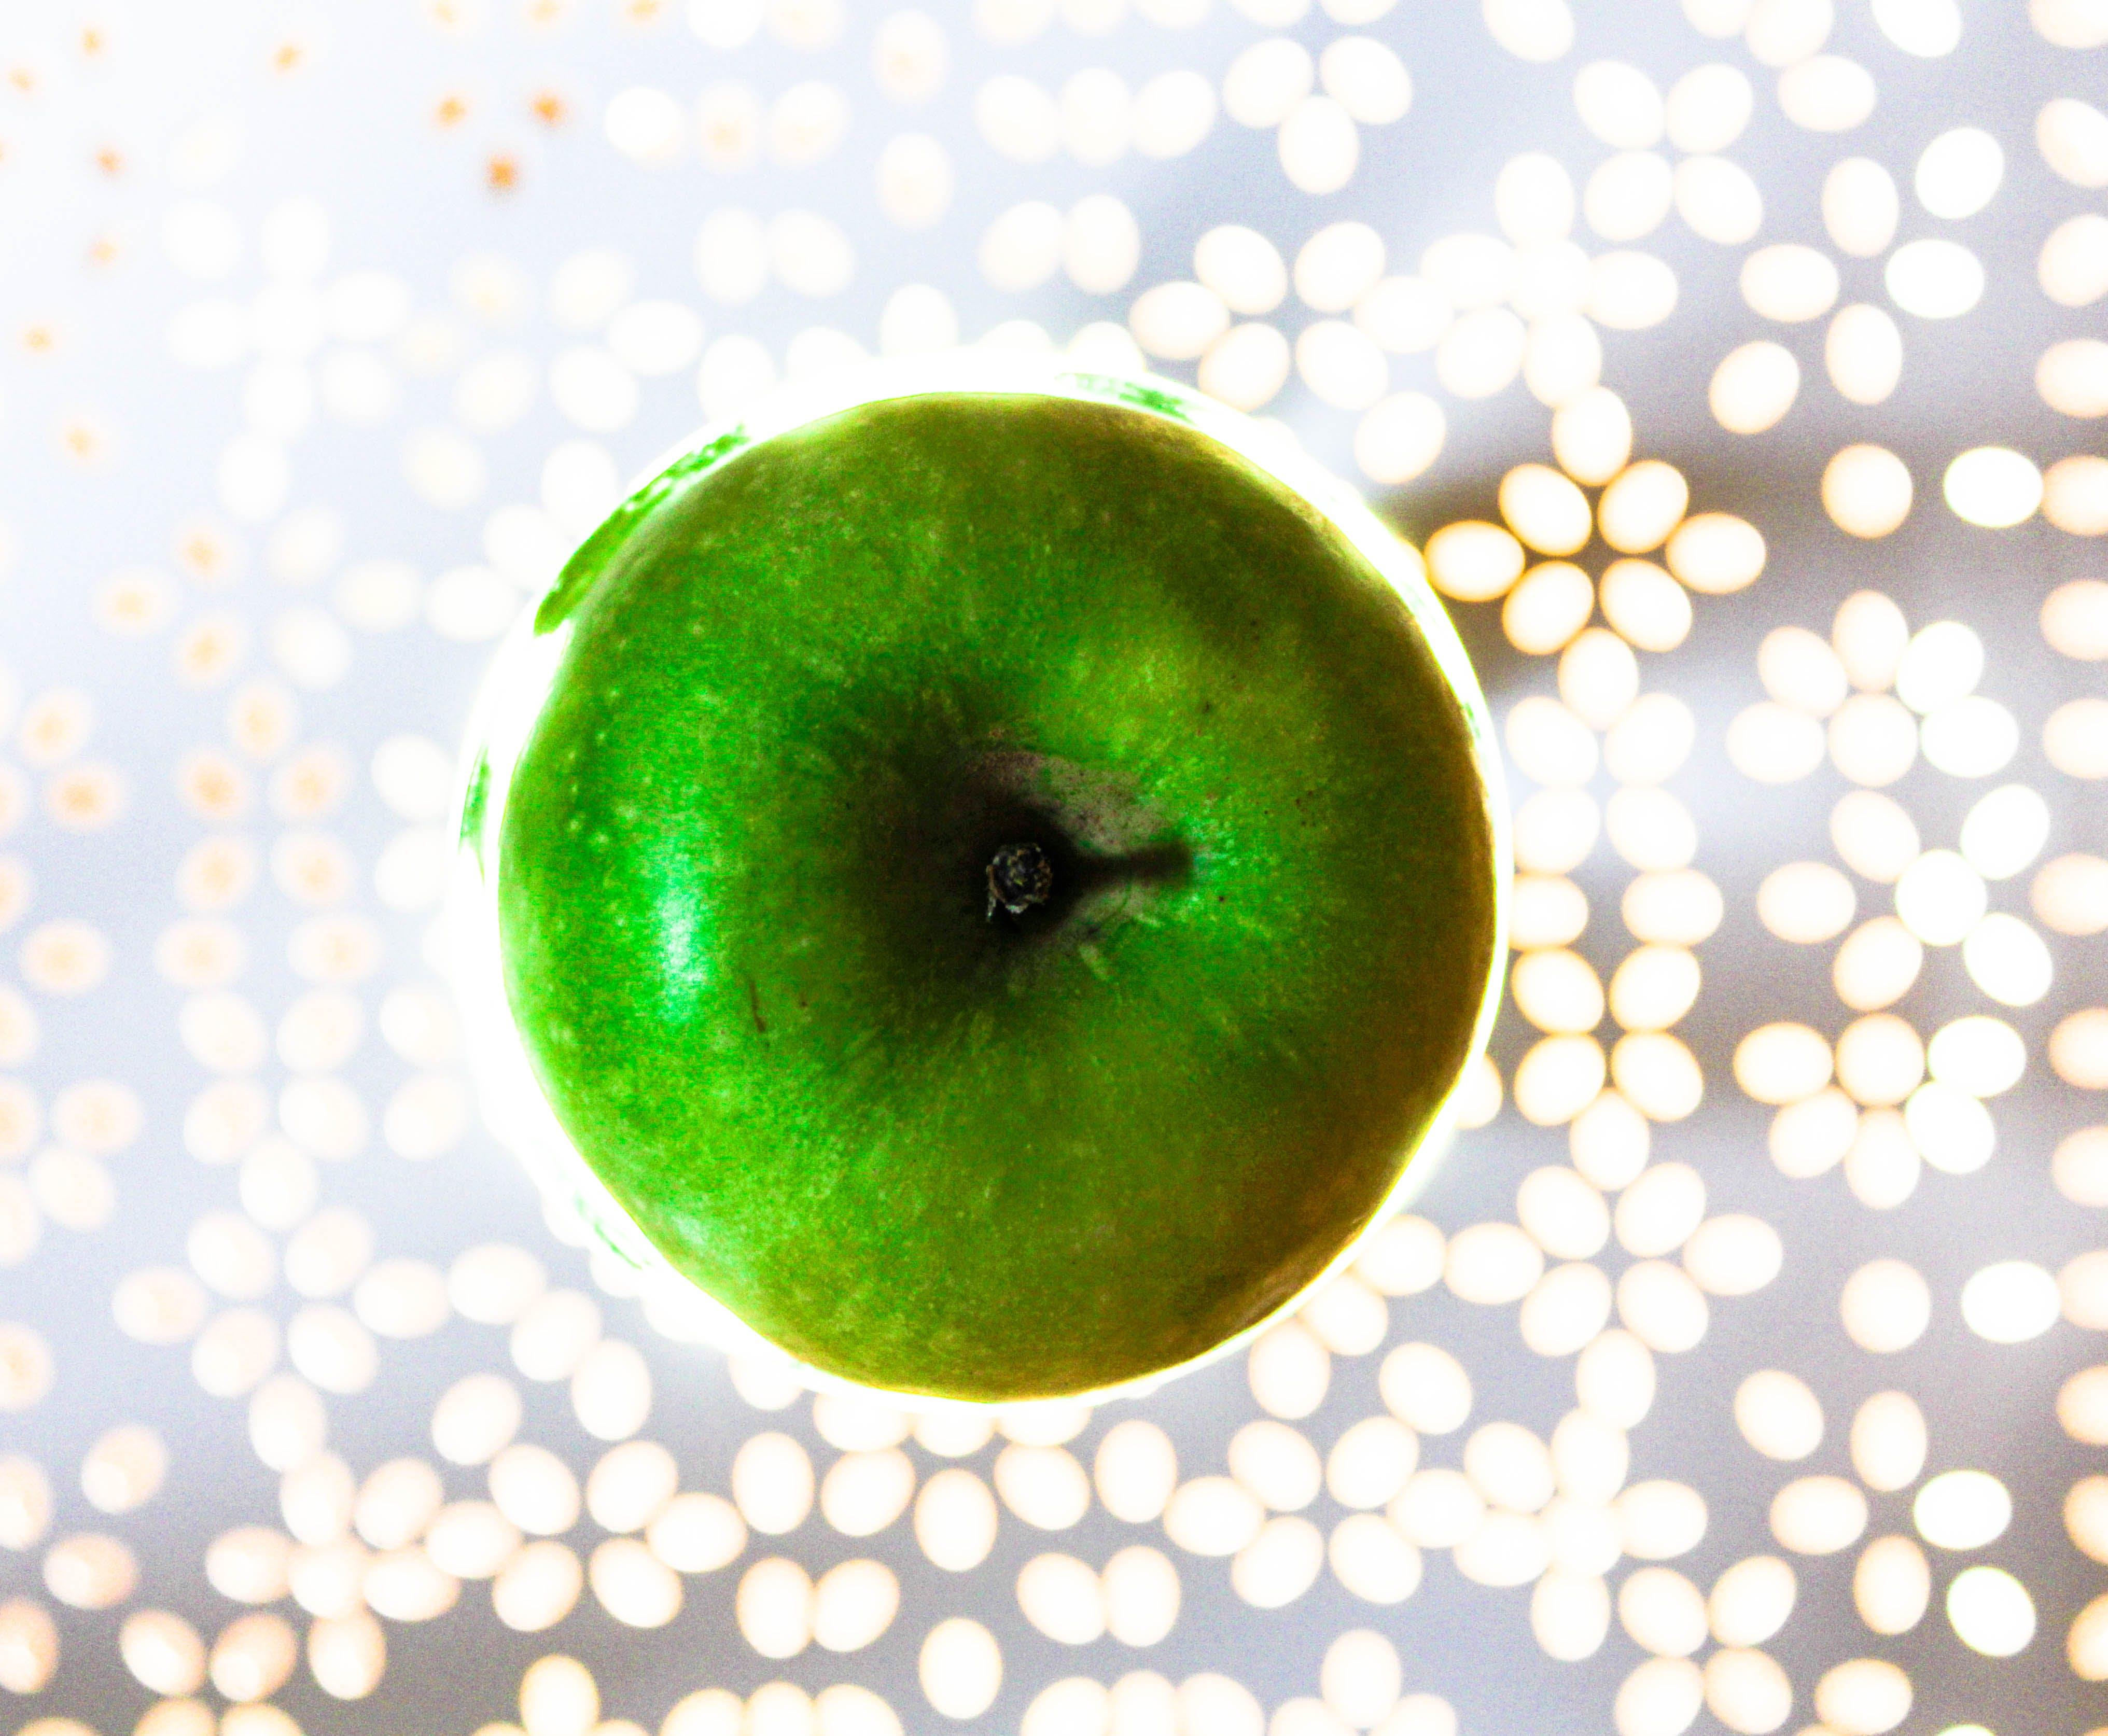 Gratis stockfoto met abstracte achtergrond, blauwig, fris, fruit